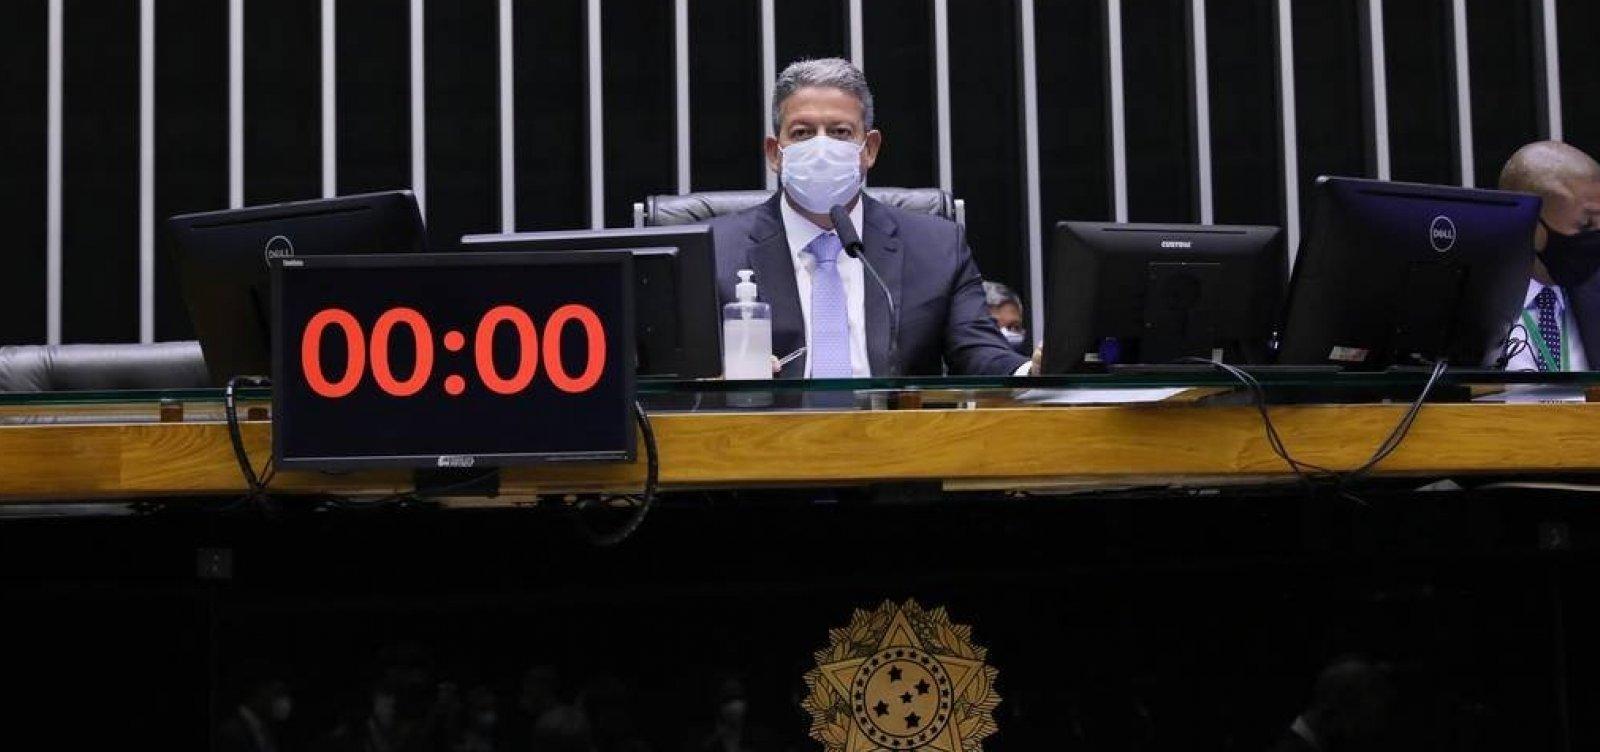 Câmara vota contra relatório da PEC que aumenta influência do Congresso em conselho do MP